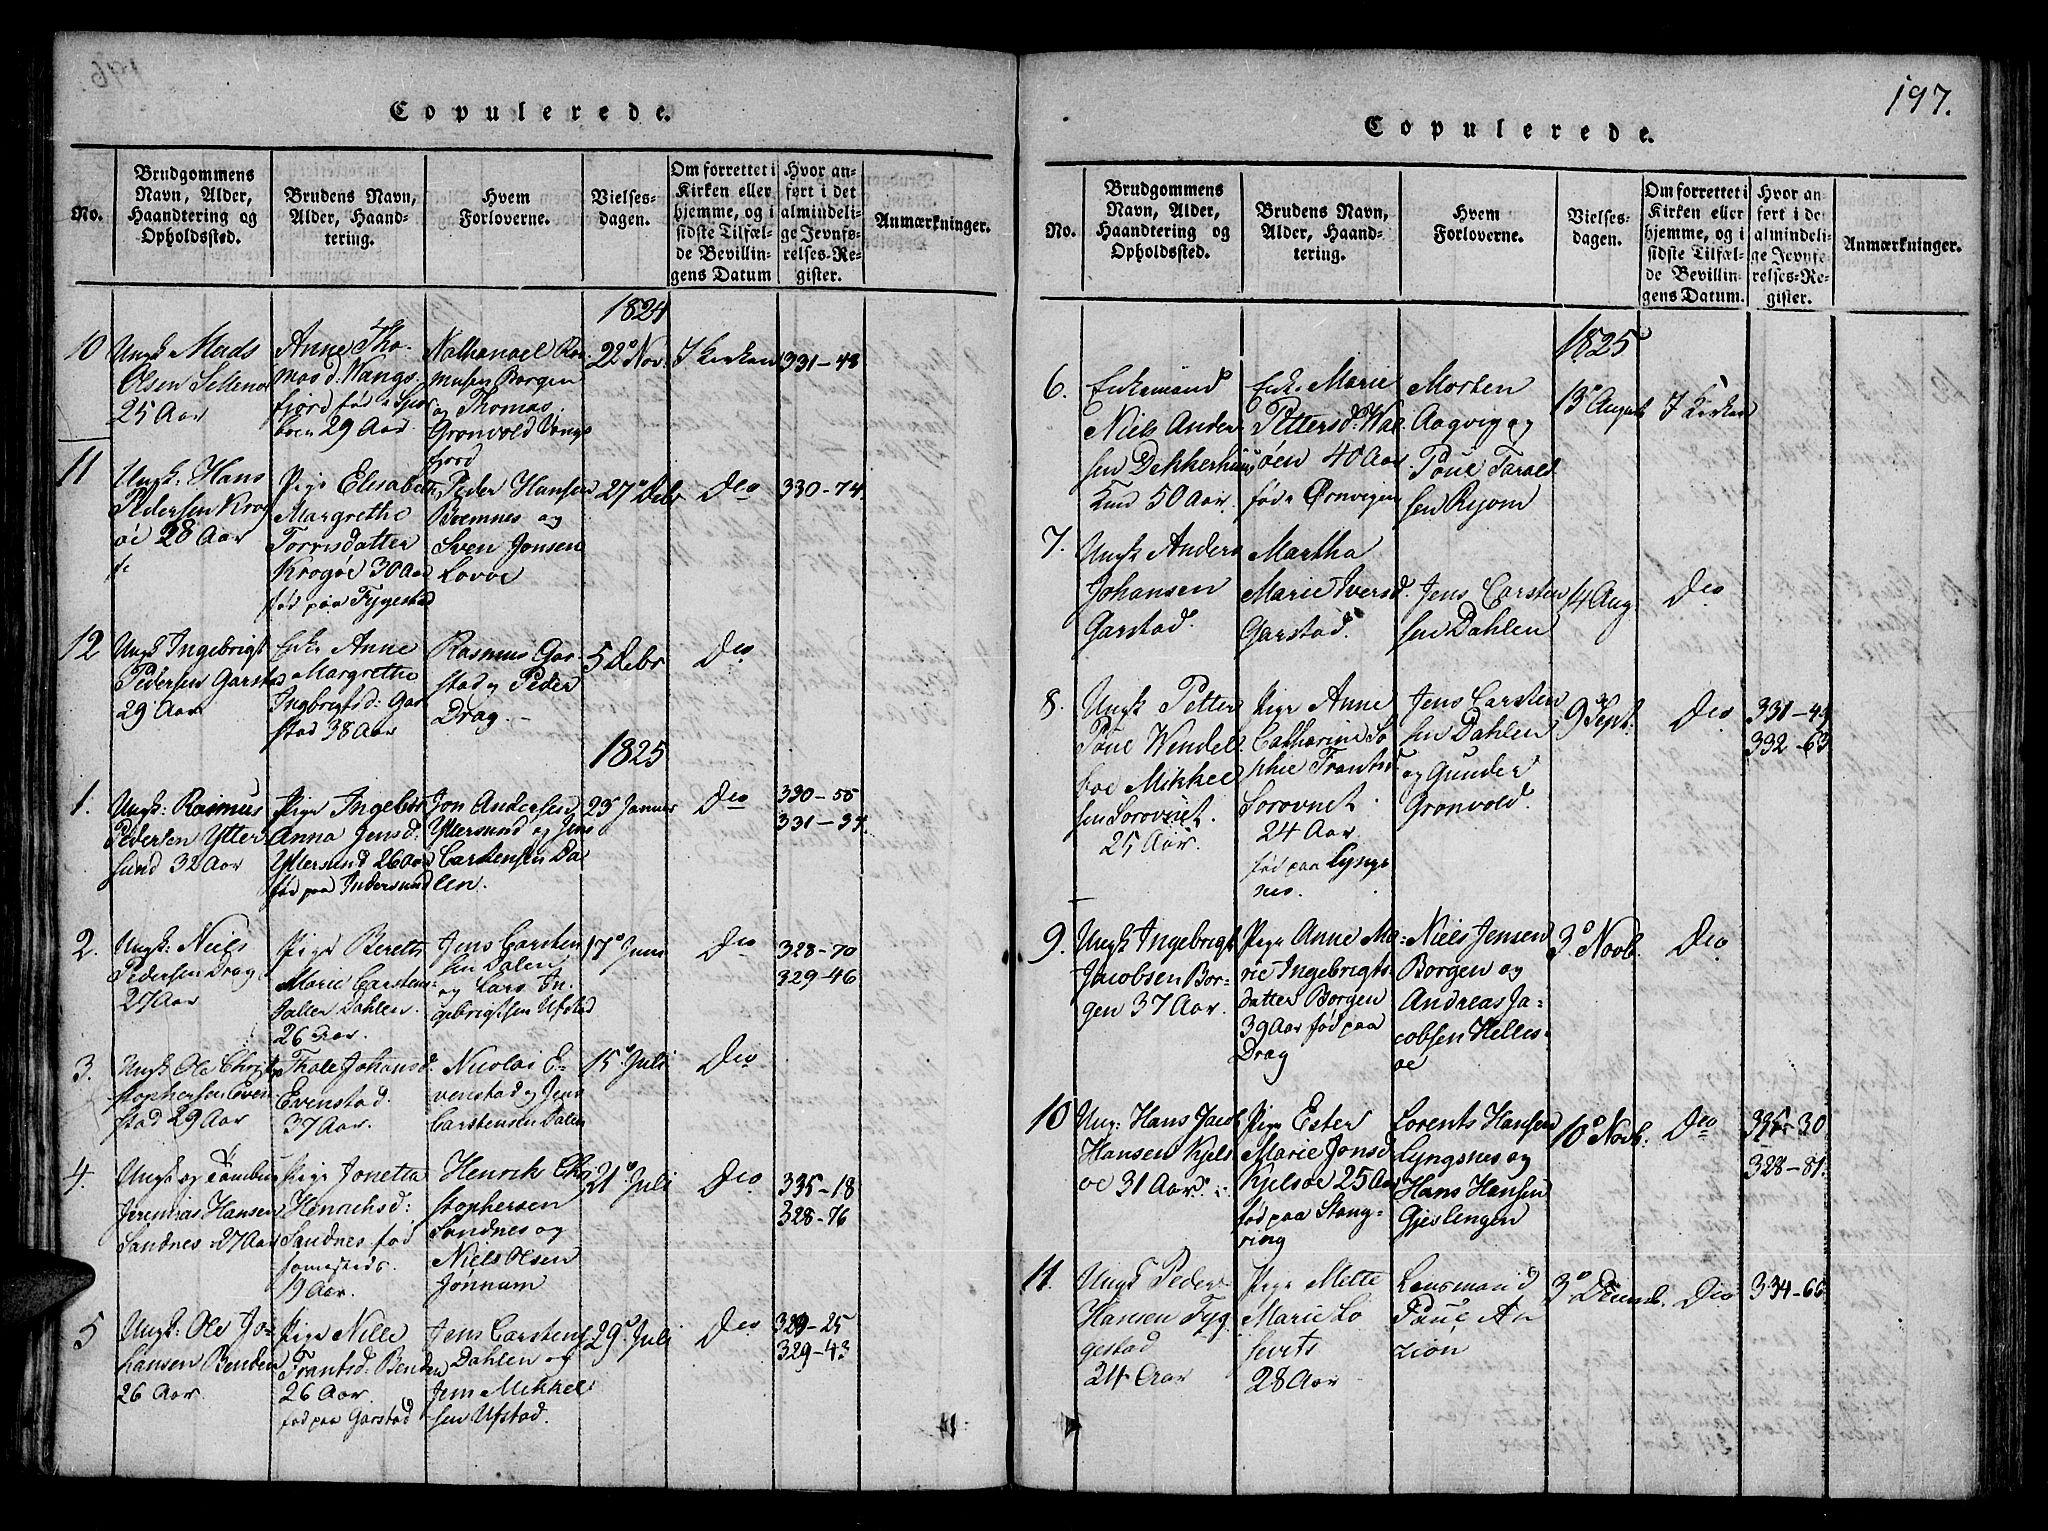 SAT, Ministerialprotokoller, klokkerbøker og fødselsregistre - Nord-Trøndelag, 784/L0667: Ministerialbok nr. 784A03 /1, 1816-1829, s. 197